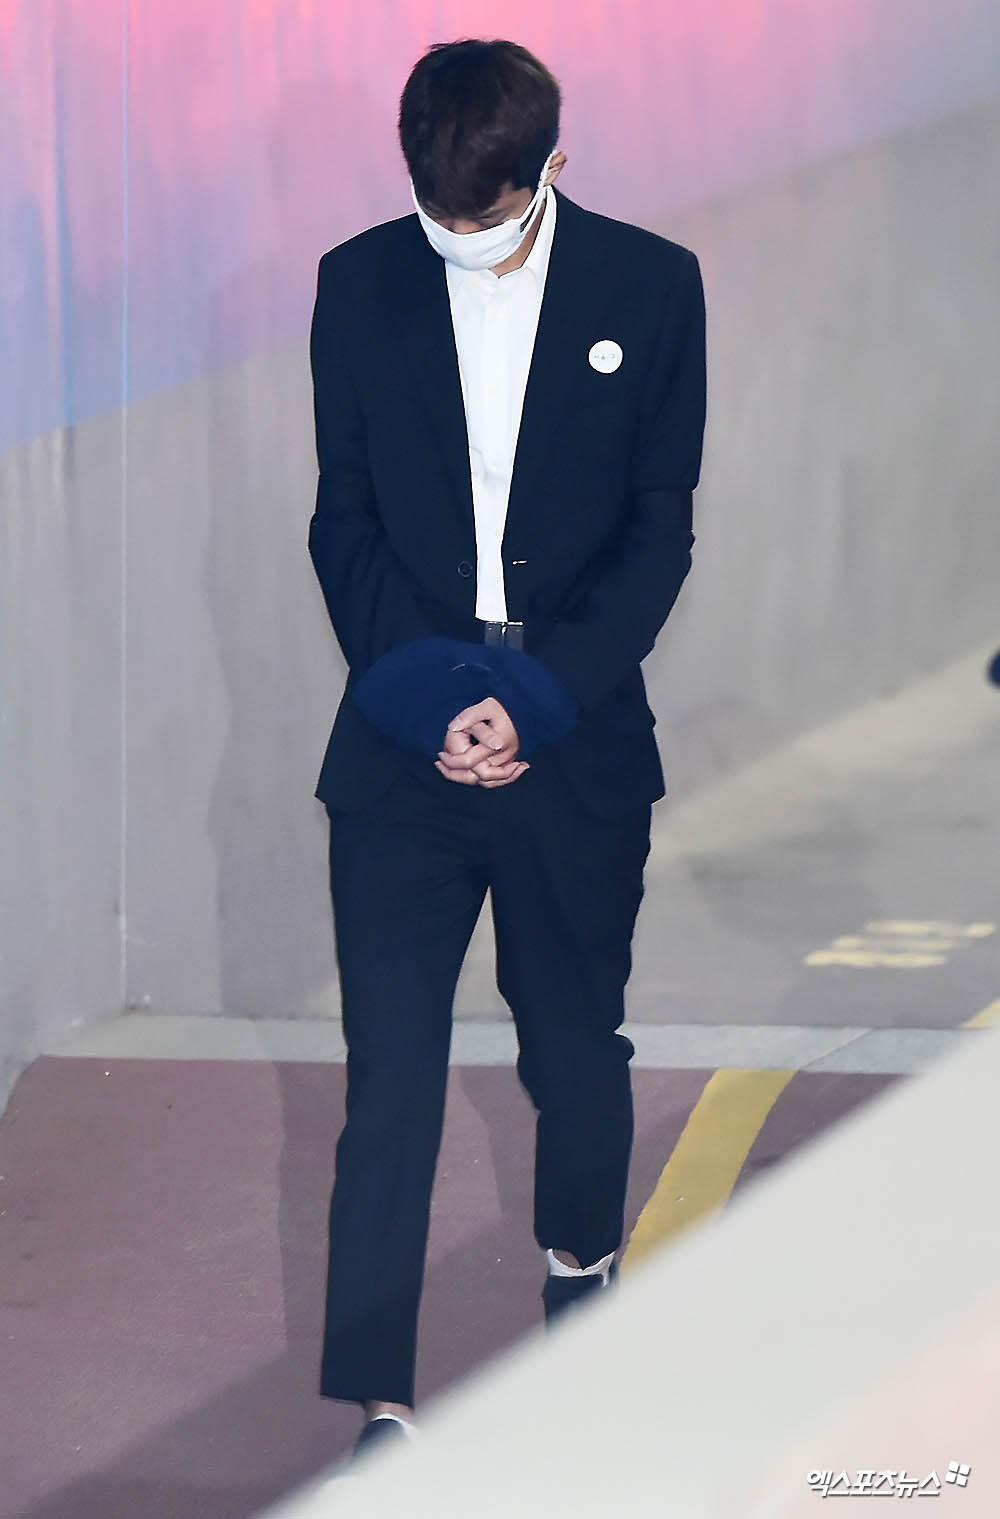 Phiên tòa đầu tiên của Jung Joon Young: Tội phạm tình dục Kbiz thừa nhận mọi cáo buộc từ quay lến đến hiếp dâm tập thể - Ảnh 1.